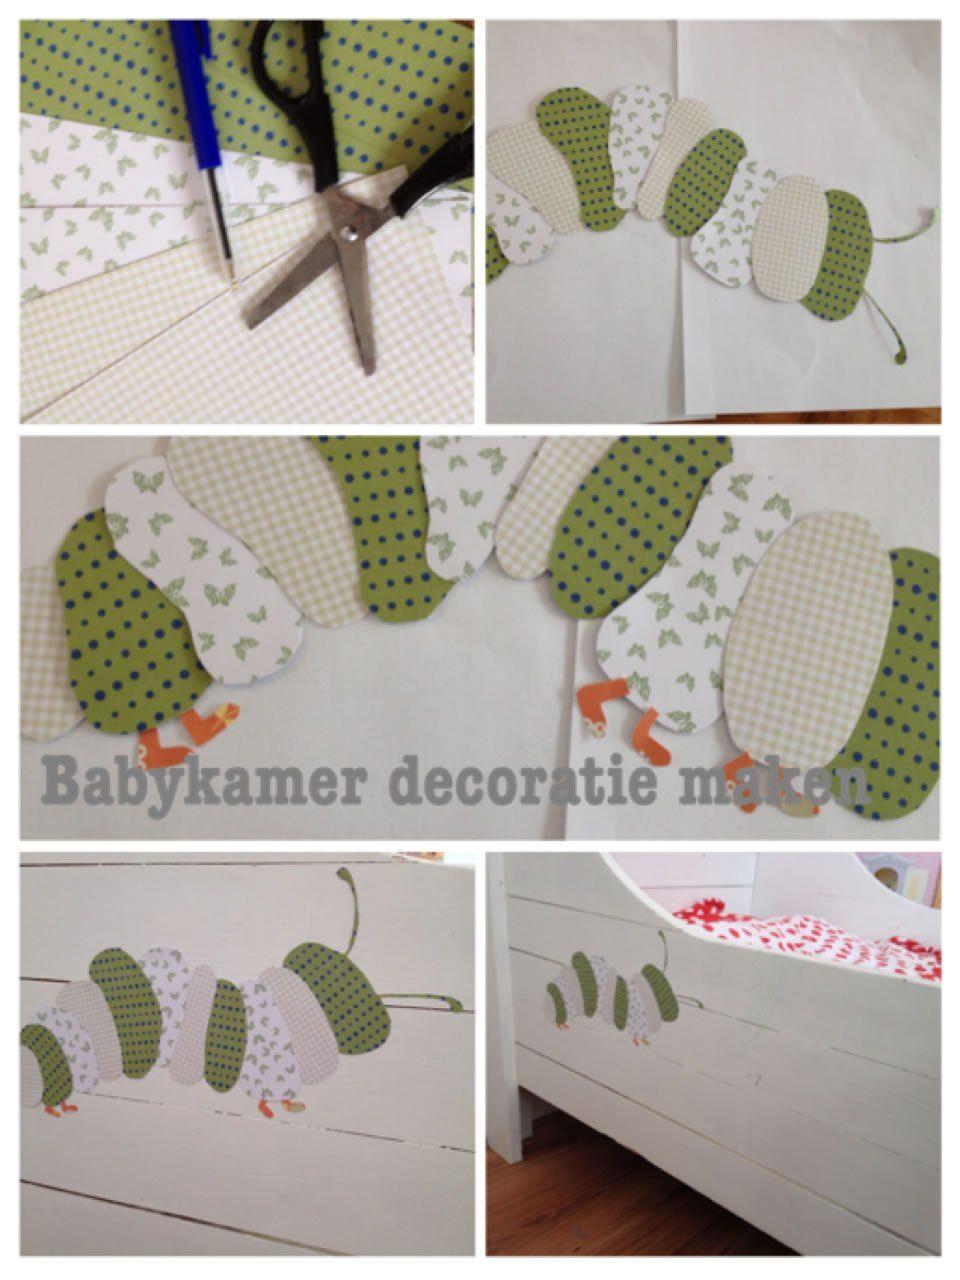 Fonkelnieuw Zelf babykamer decoratie maken een rupsje! (met afbeeldingen SM-85